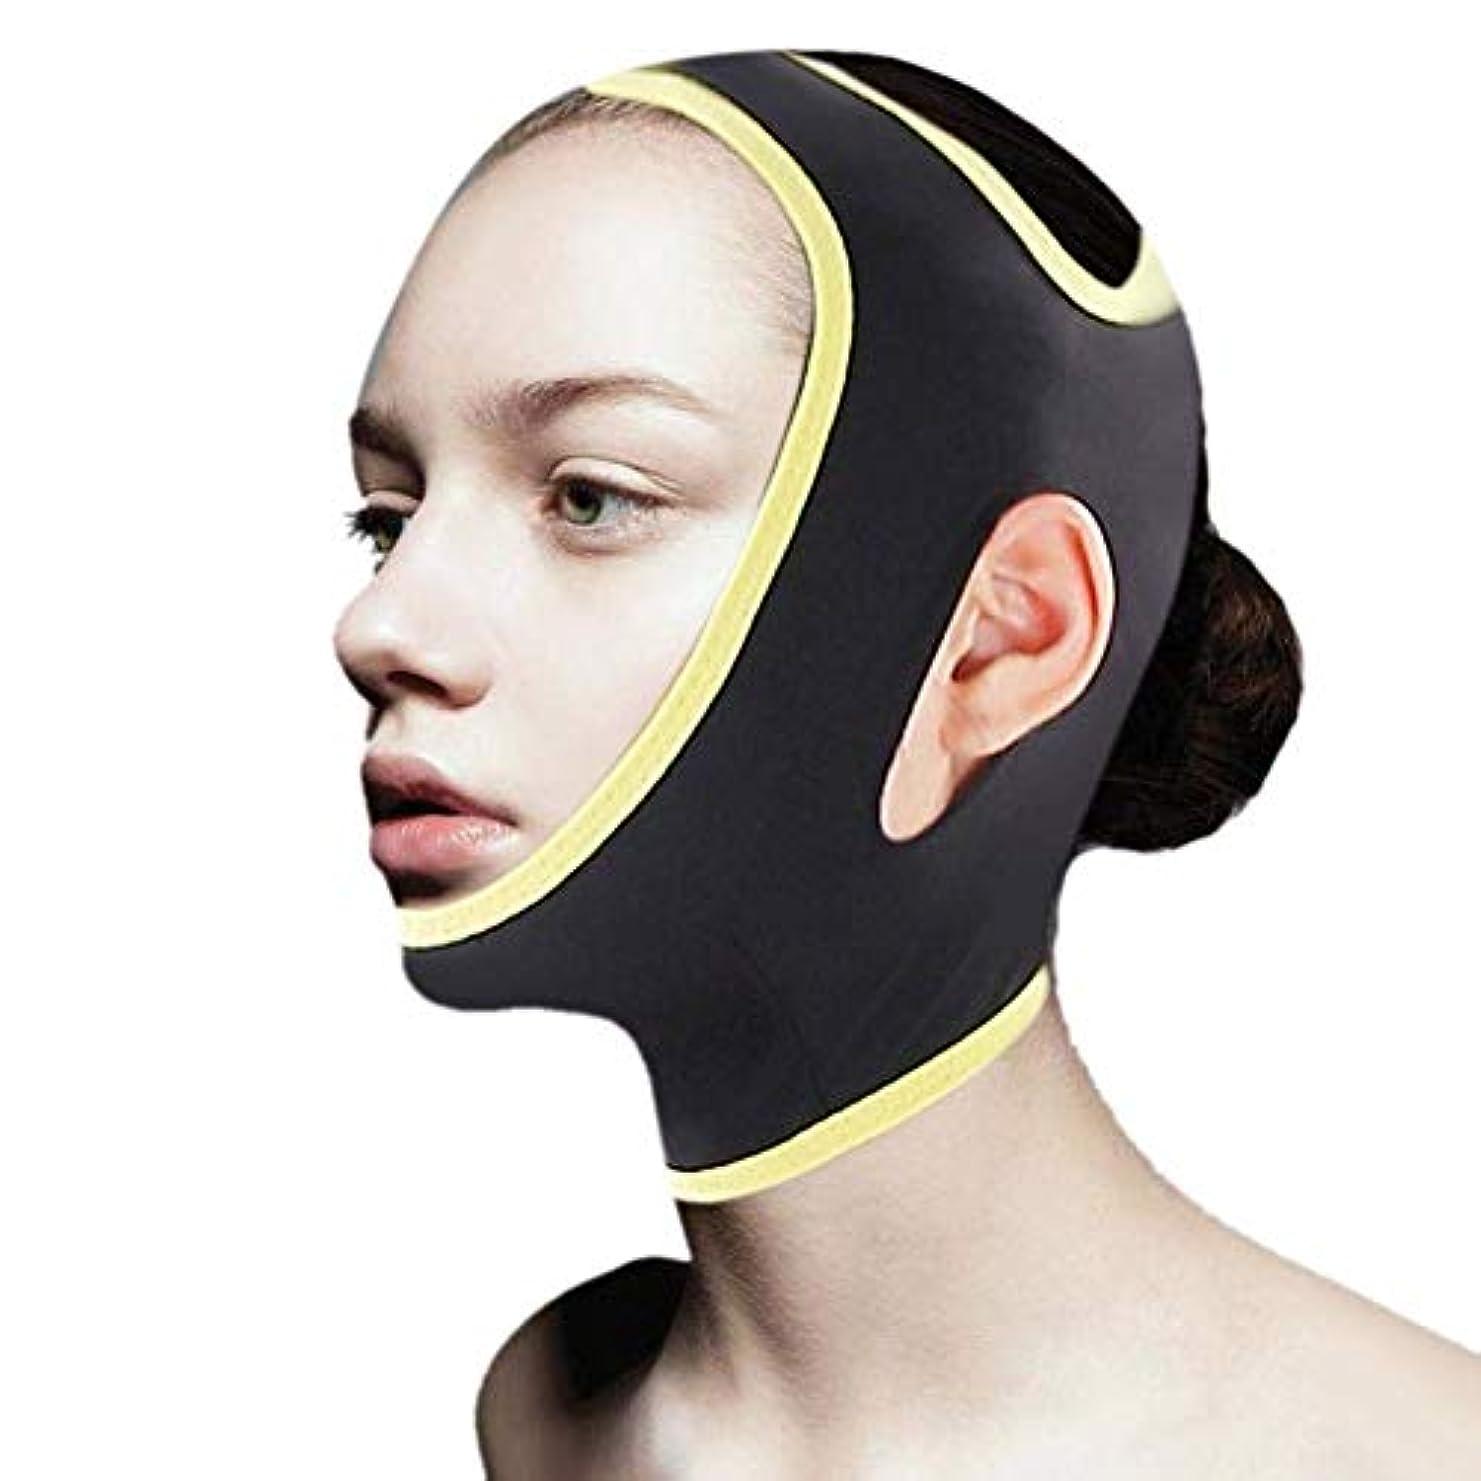 ラッチ座る立ち寄るWSJTT 顔のスリミングストラップ - チンはフェイシャルマスクを持ち上げては - 皮膚のたるみを排除 - アンチエイジング痛み無料ウェイVフェイスラインベルトチンチークスリムリフト (Size : L)